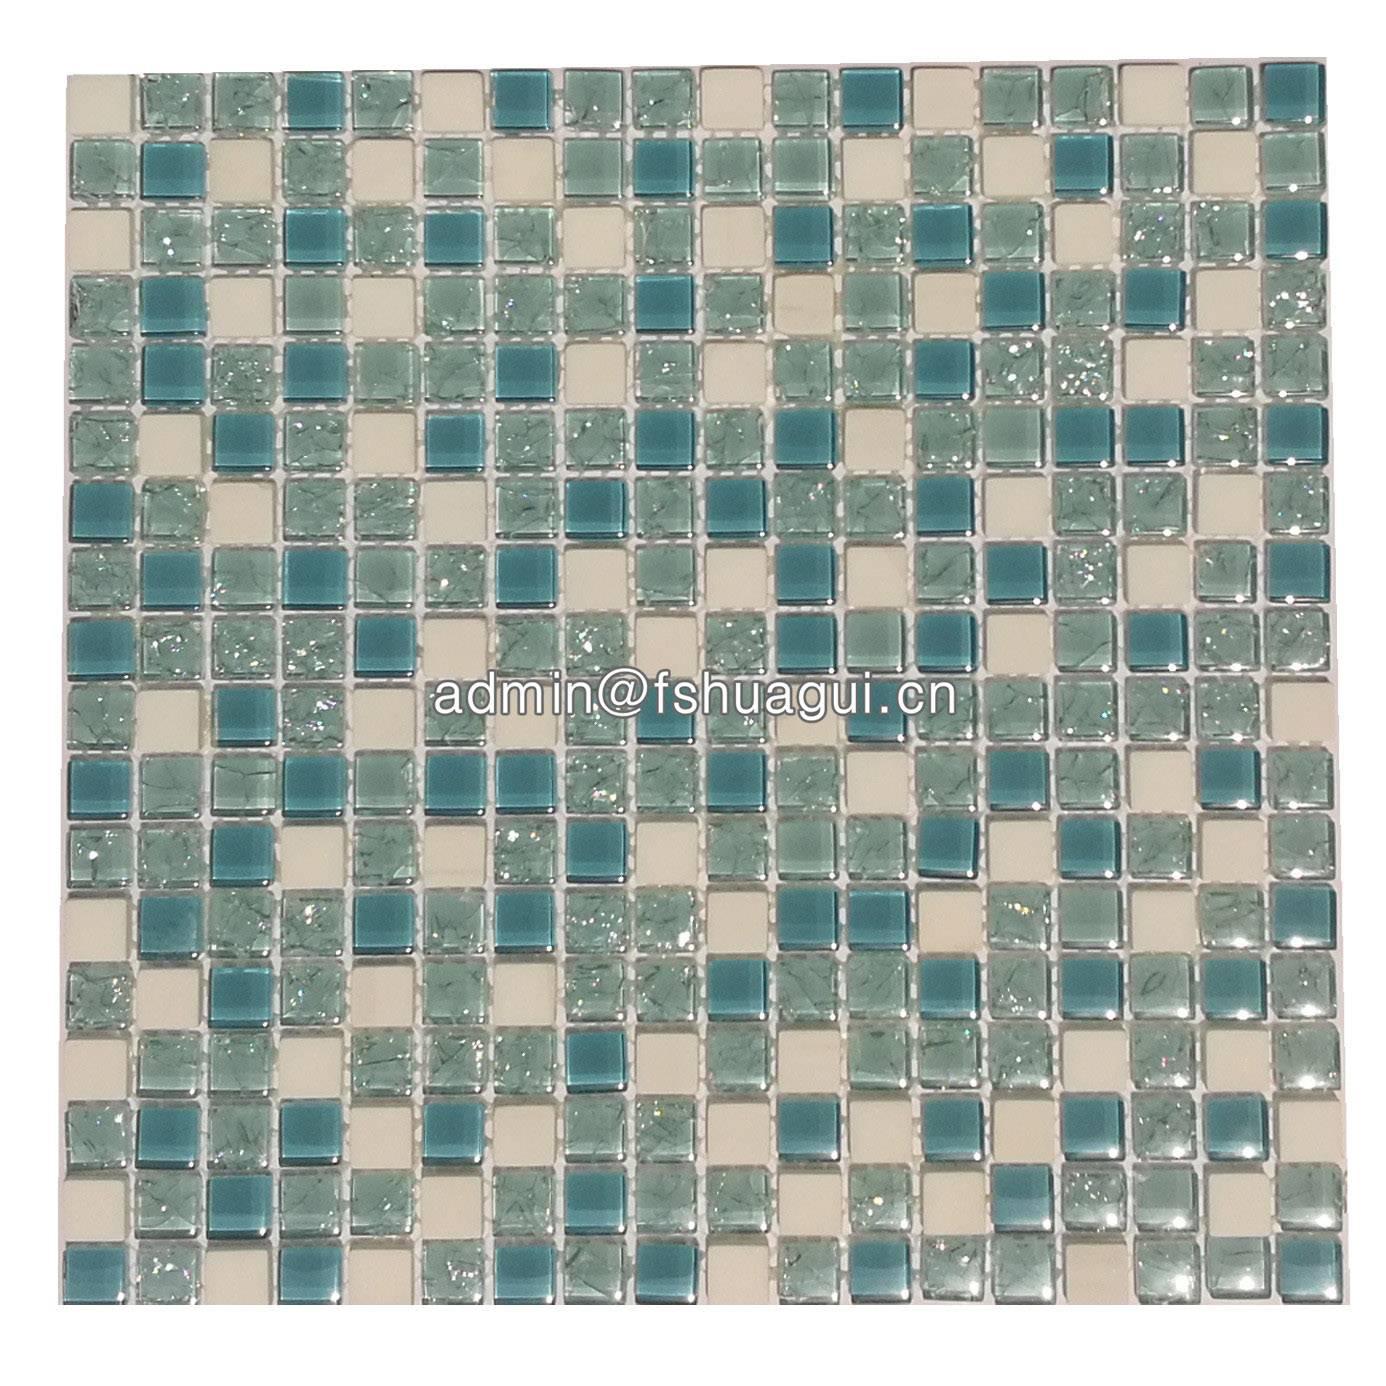 Huagui Tiffany blue crackle glass and white stone mosaic HG-815901 STONE MOSAIC TILE image1